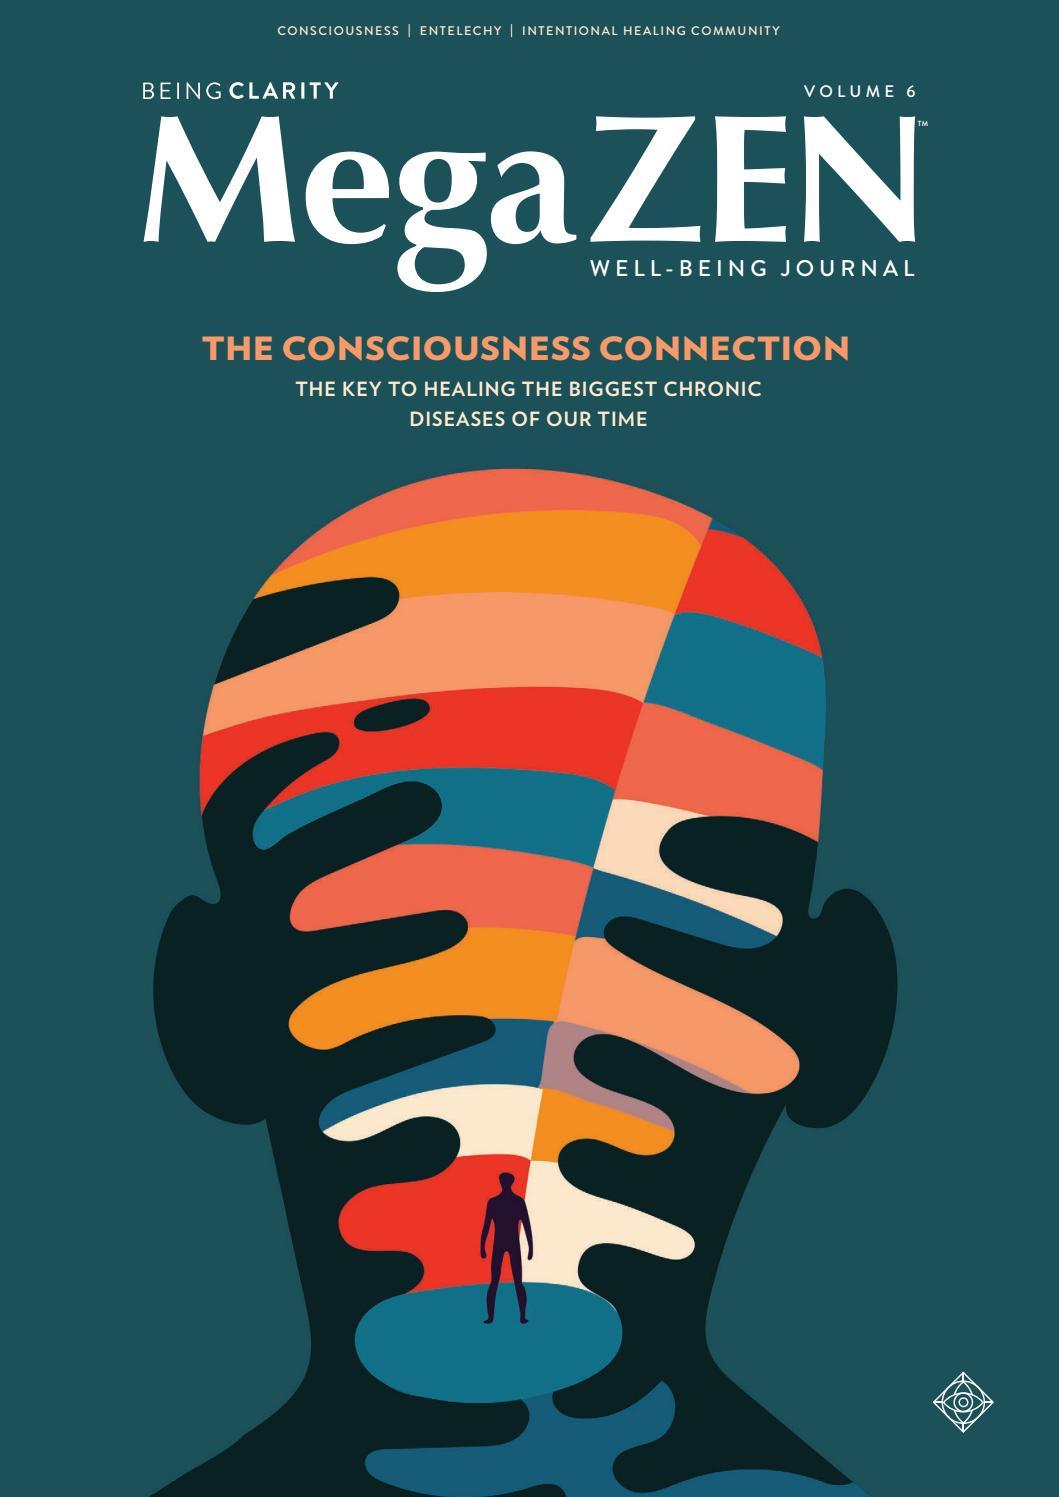 MegaZEN Well-Being Journal - Volume 6 by MegaZEN - issuu